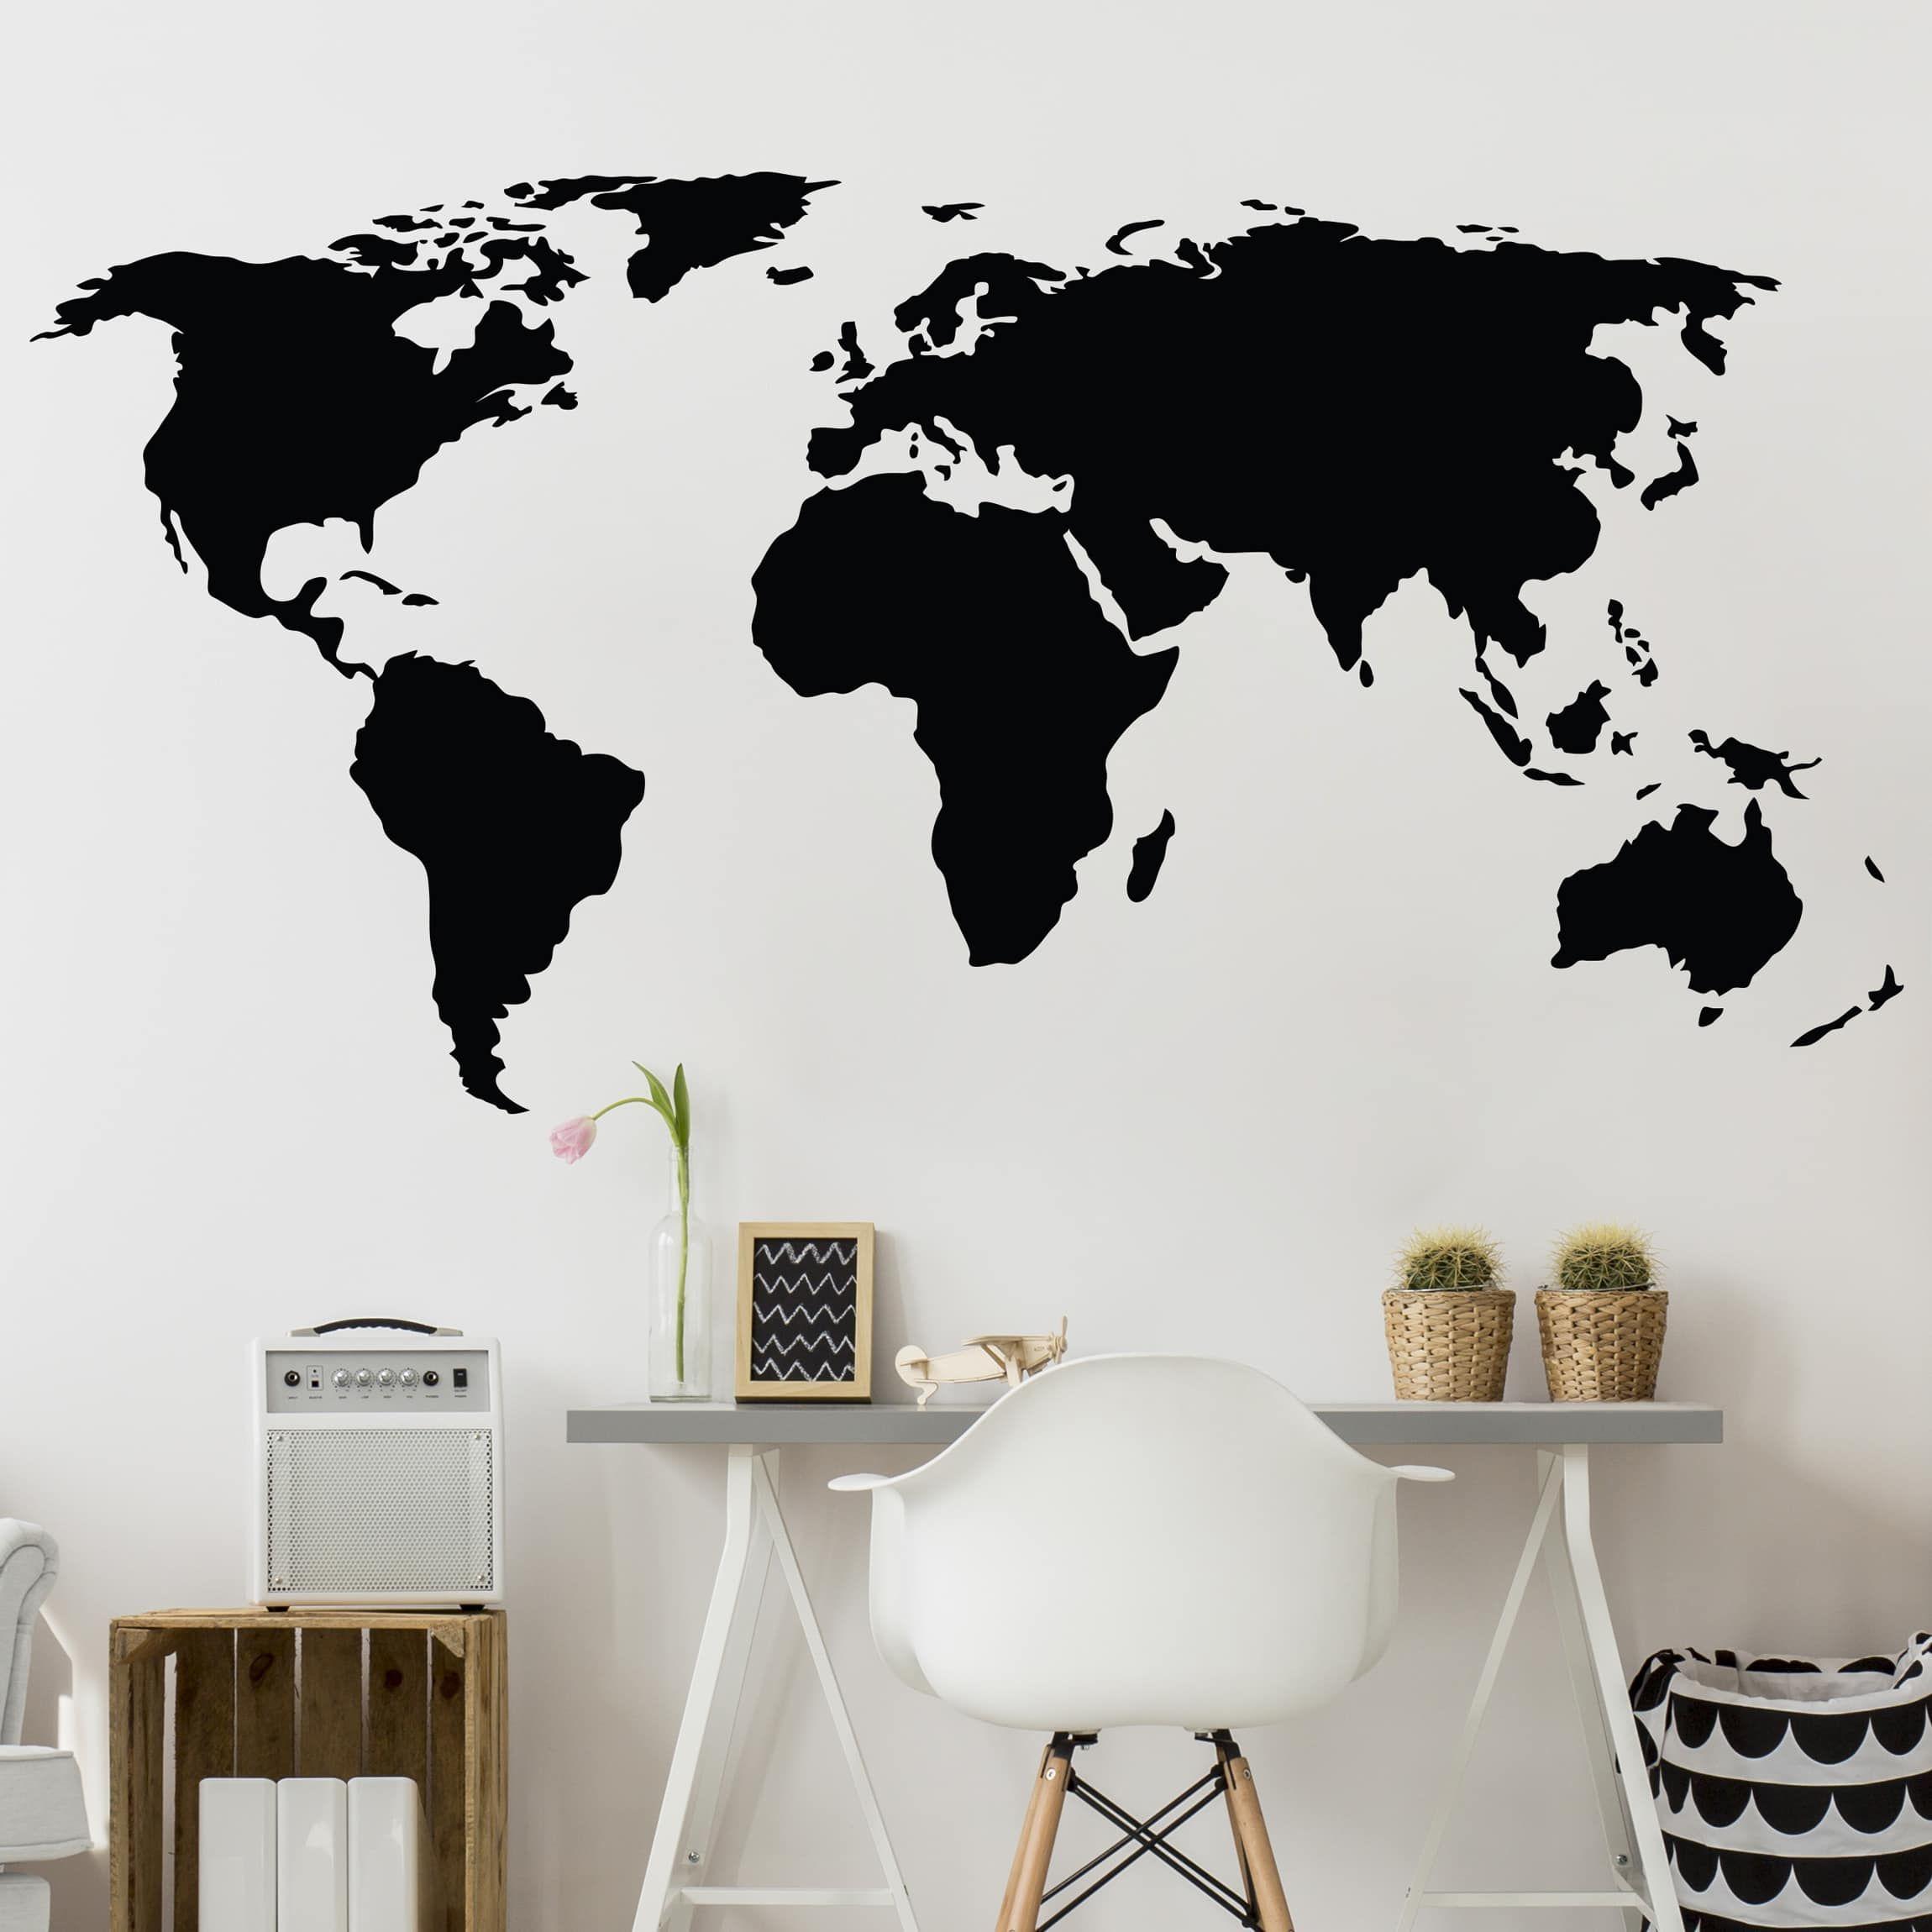 Cartina Mondo Ikea.Adesivo Murale Mappa Del Mondo Ii Idee Camera Da Letto Ragazza Idee Camera Da Letto Ikea Idee Camera Da Letto